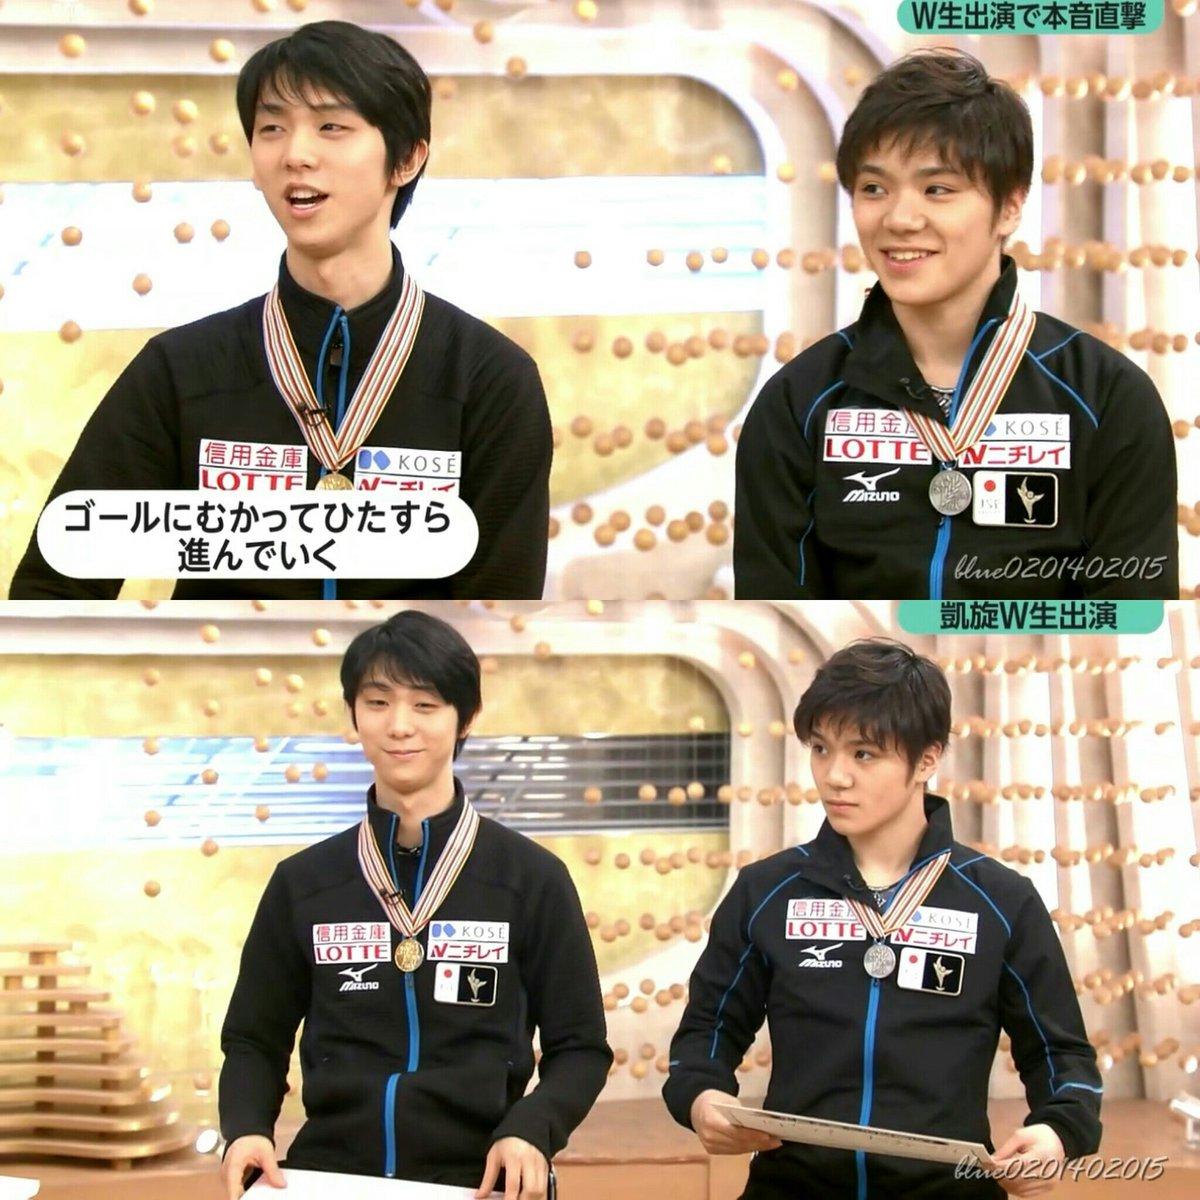 みんなのニュースに出演した宇野昌磨選手の髪型が可愛いとファンの間で話題に